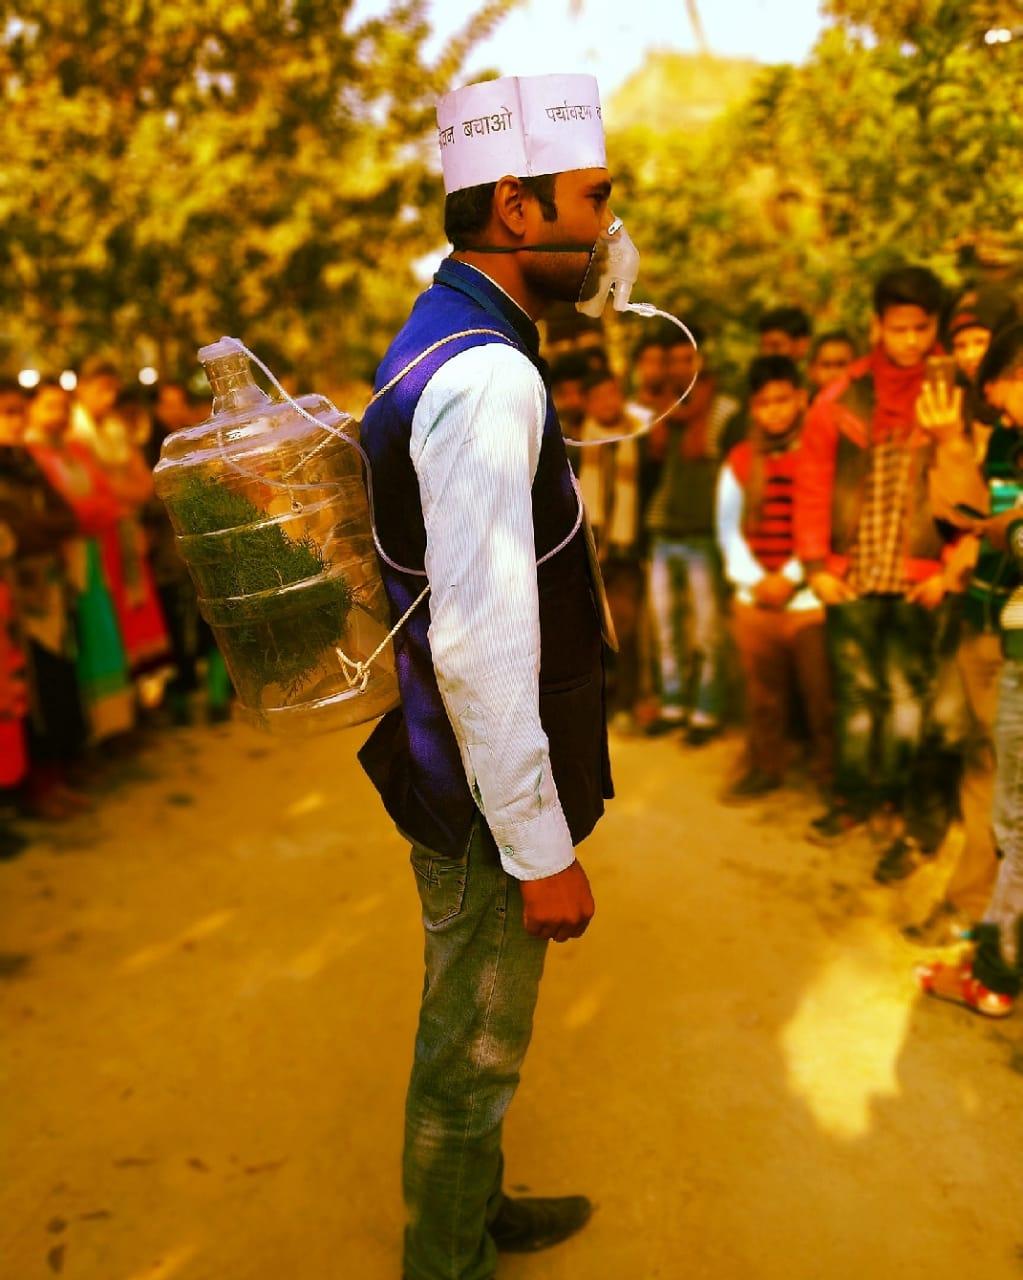 बिहार के युवा राजेश कुमार सुमन नाक में ऑक्सीजन मास्क और पीठ पर पौधा लादकर विश्व पटल पर पर्यावरण जागरूकता का अलख जगा रहे हैं।